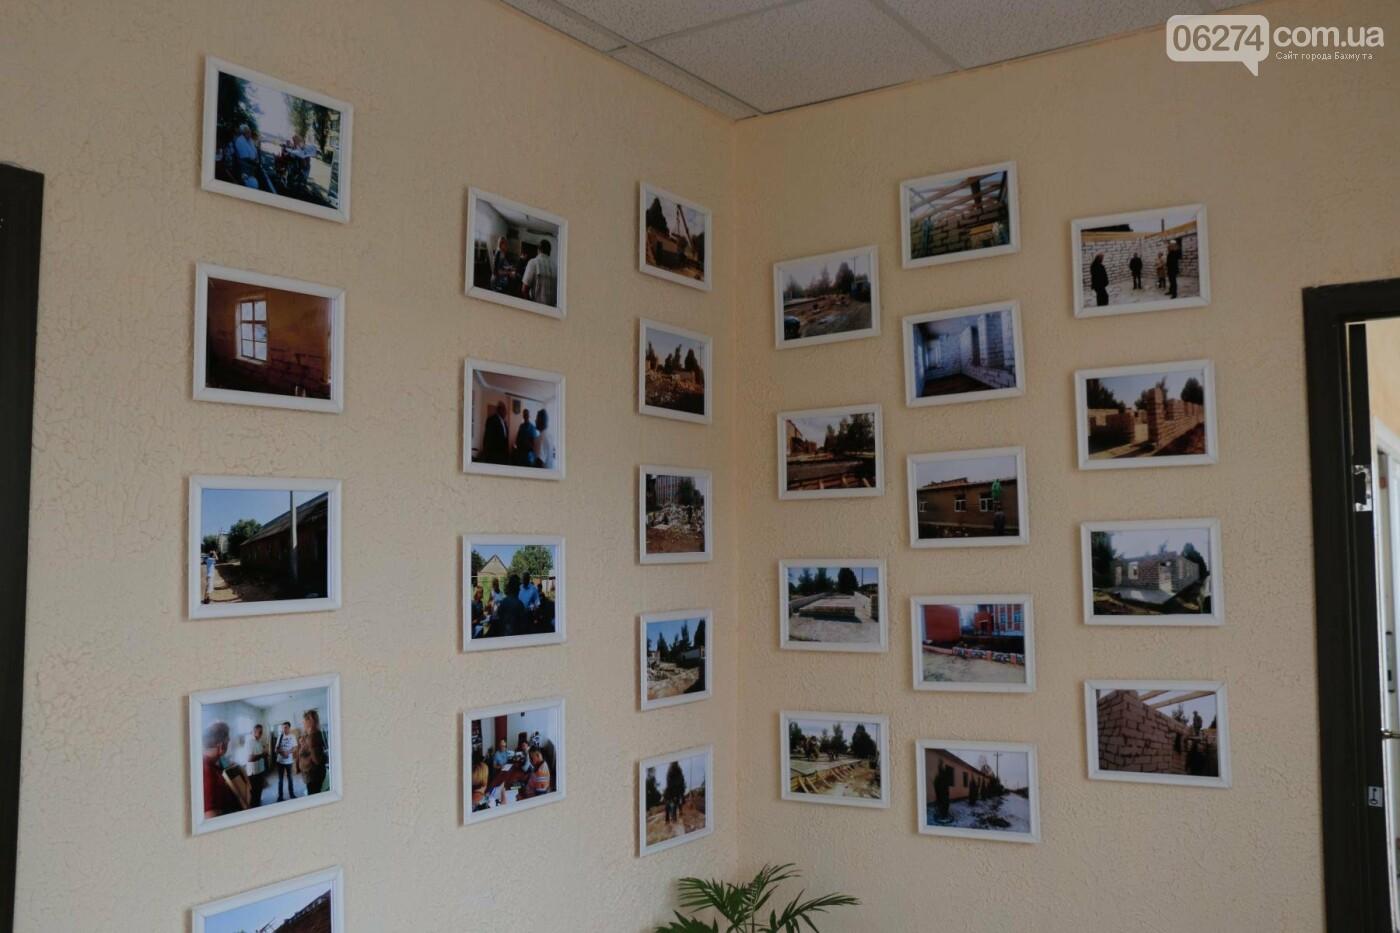 В Бахмуте открыли Центр развития громады «Квартал», фото-14